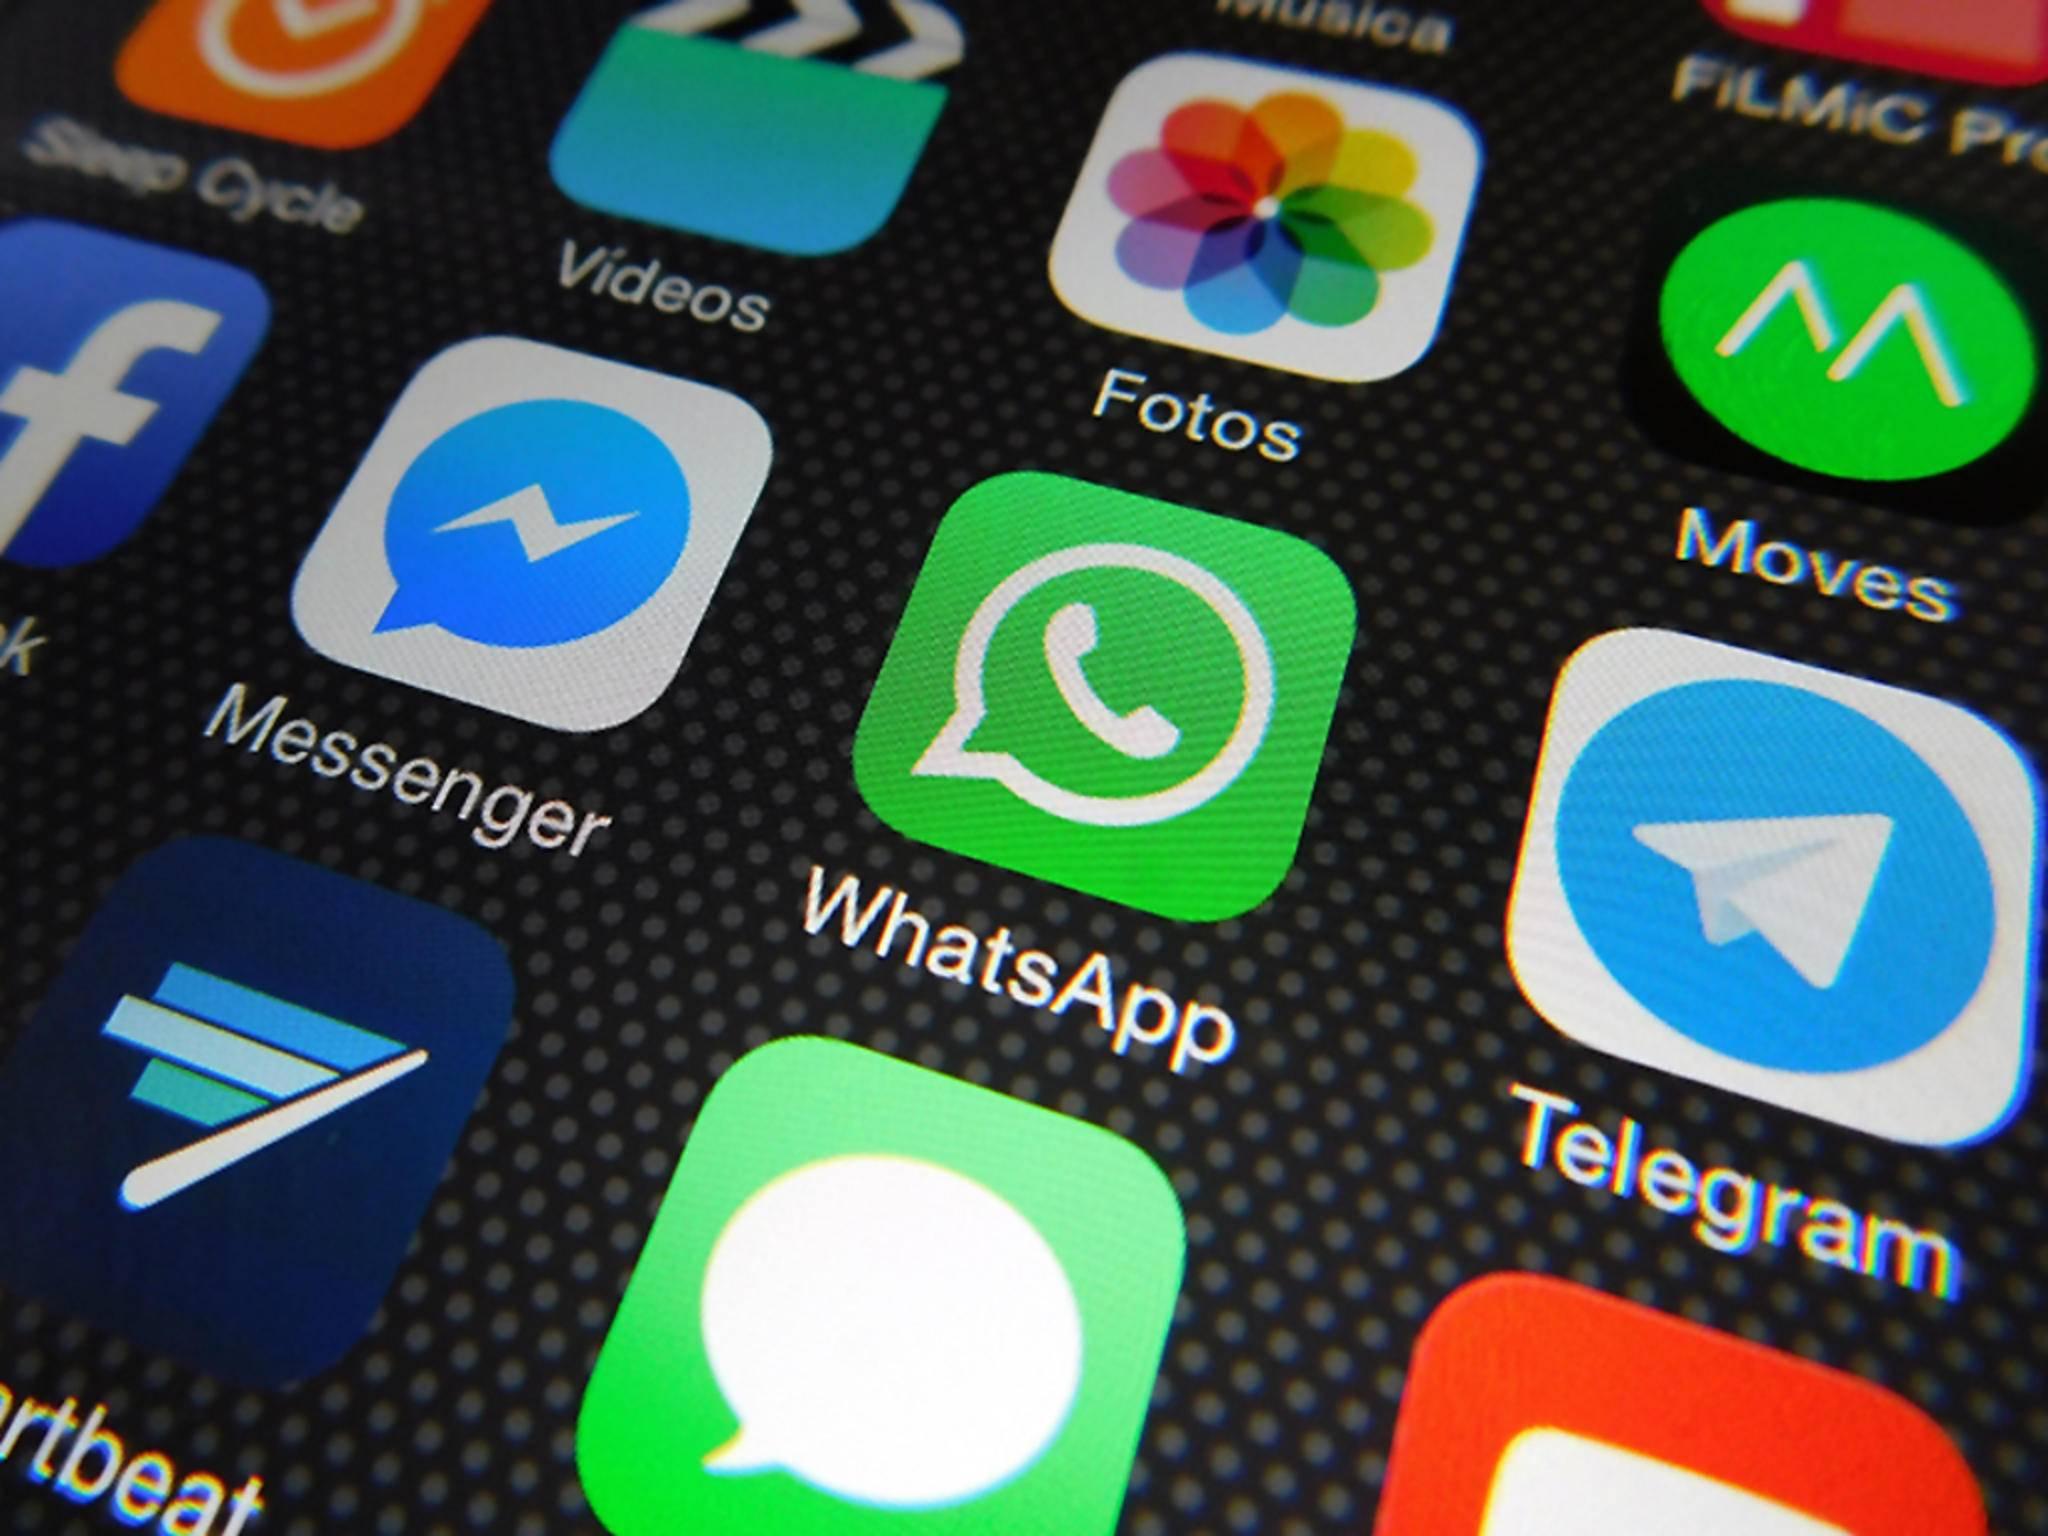 Du kannst WhatsApp die Weitergabe Deiner Daten an Facebook untersagen.